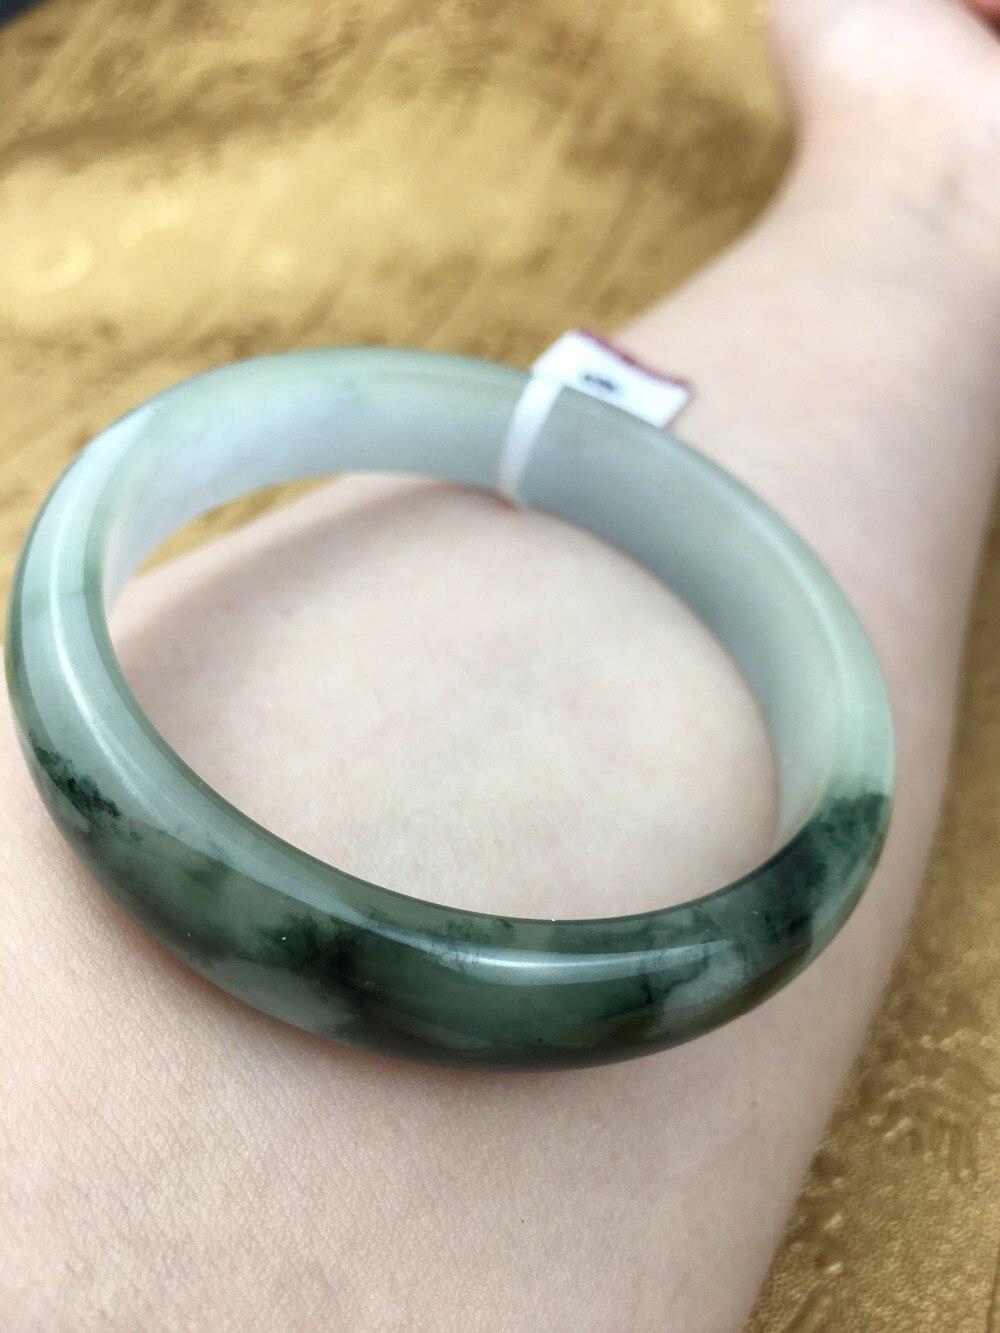 Send A certificate natural Jadeite bracelet Natural dark green two-color 54-61mm princess bracelet Jewelry giftSend A certificate natural Jadeite bracelet Natural dark green two-color 54-61mm princess bracelet Jewelry gift